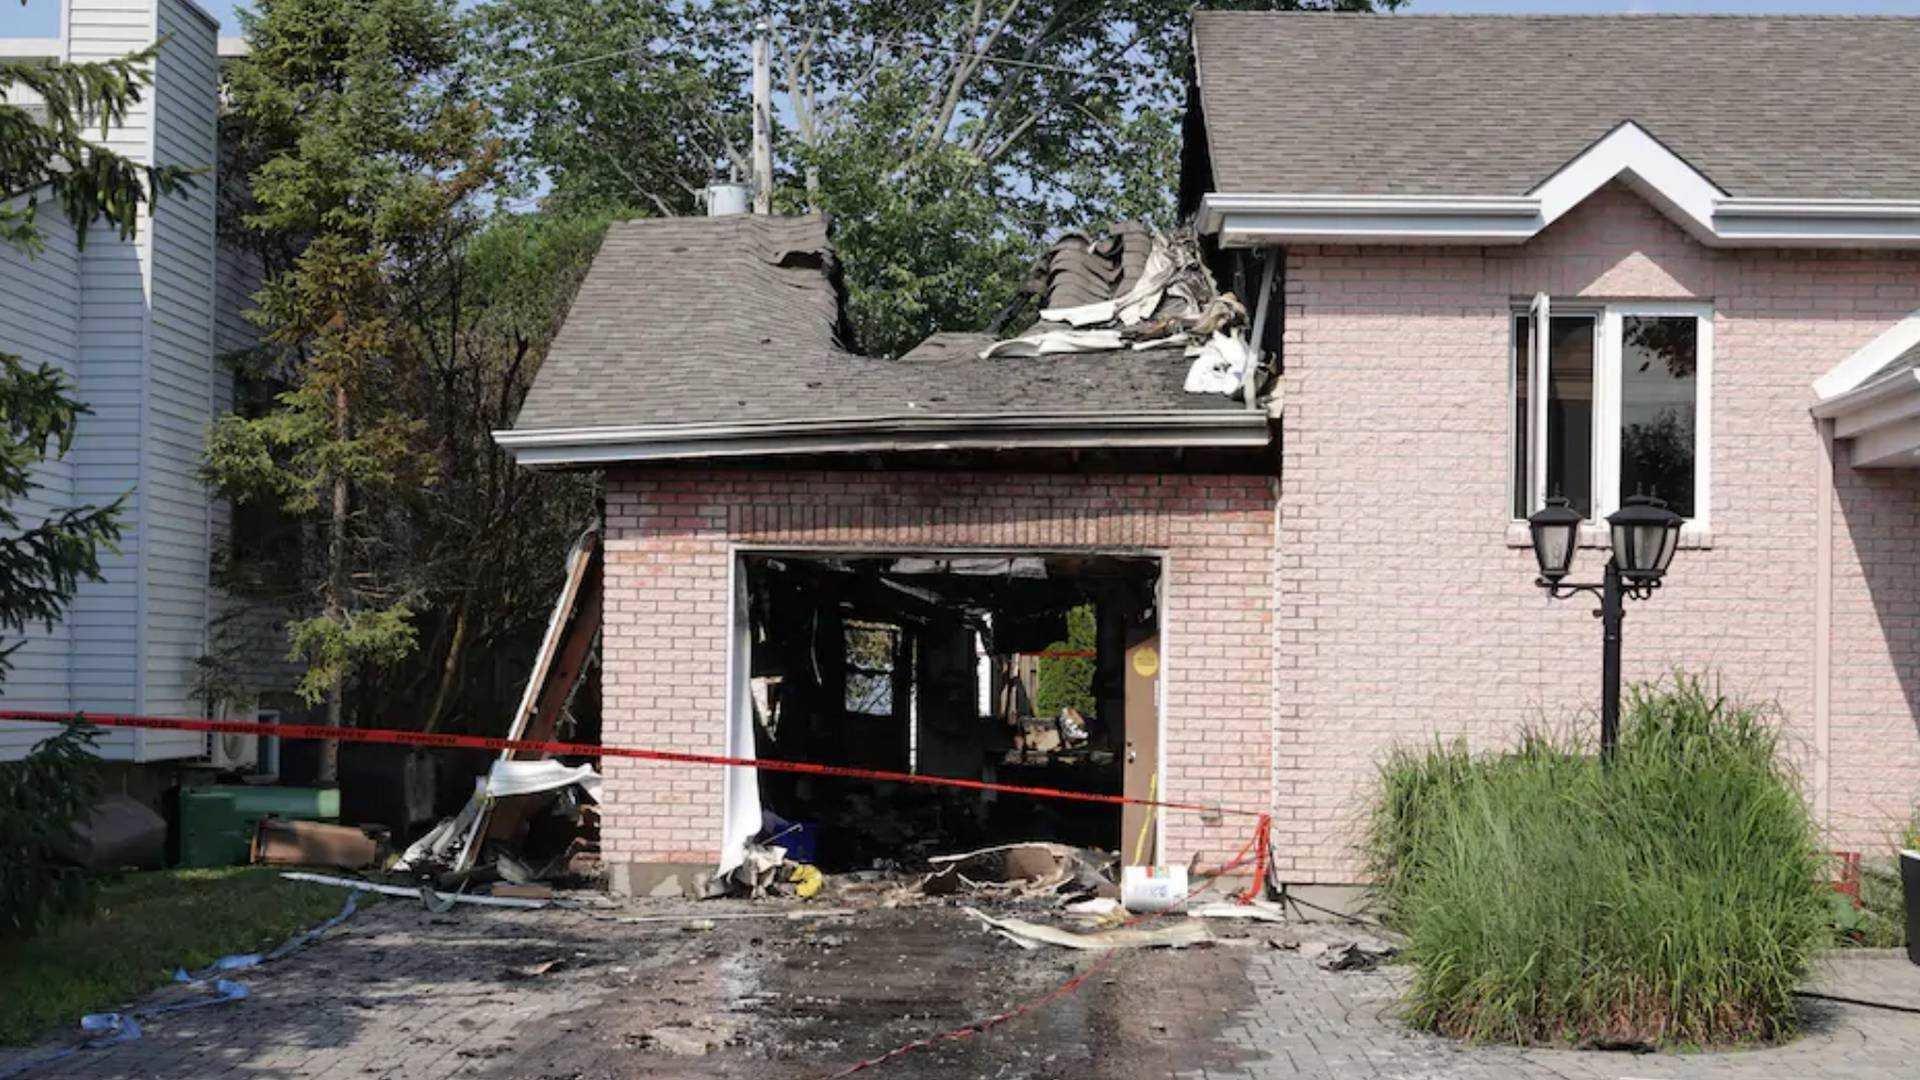 Взорвавшийся электрокар Hyundai Kona выбил ворота в гараже и привел к масштабному пожару